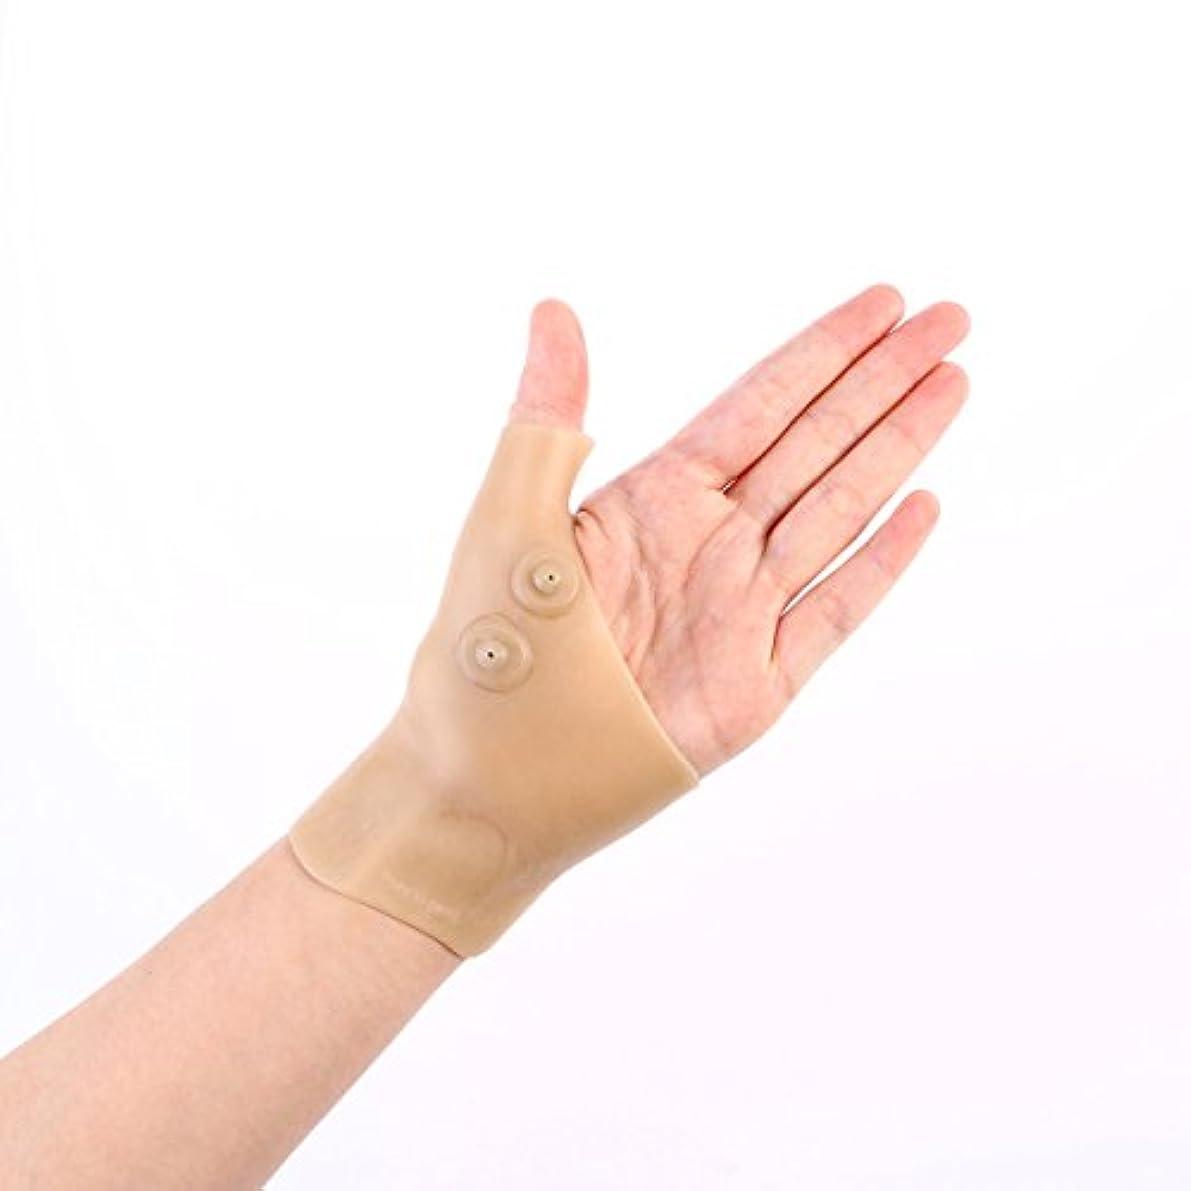 Healifty 首サポートブレース シリコンゲル 腱鞘炎 バネ指 手首の親指の痛みを和らげる 2個